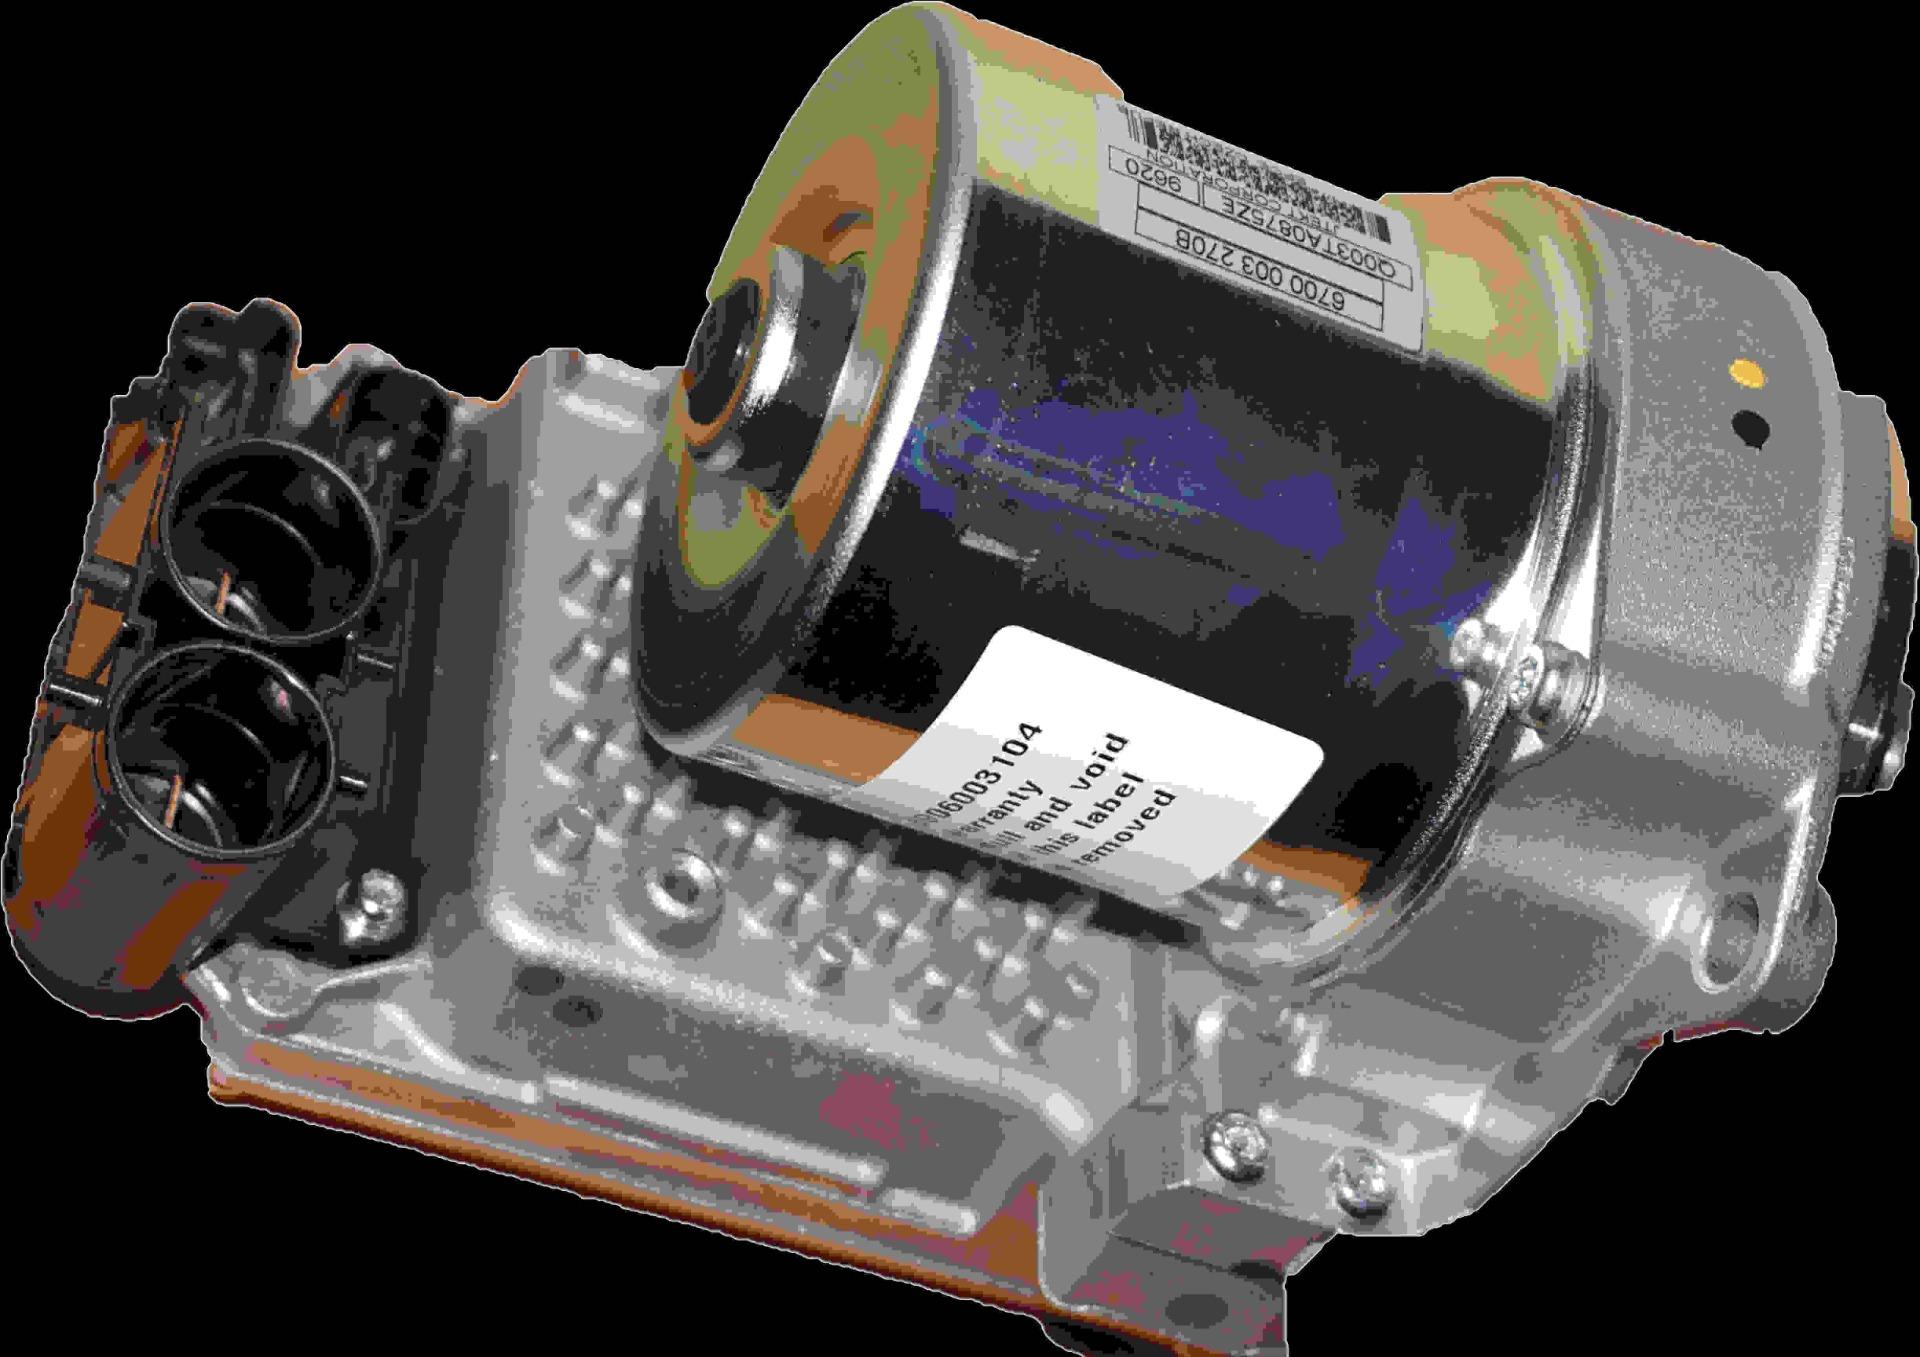 HAZYLA Auto-hintere Schiebet/ür Zentralverriegelung Servolenkung Motorantrieb unterst/ützte Chrysler 2001-2010 f/ür Dodge 2001-2007 4717960AC 4717961AB 746-259